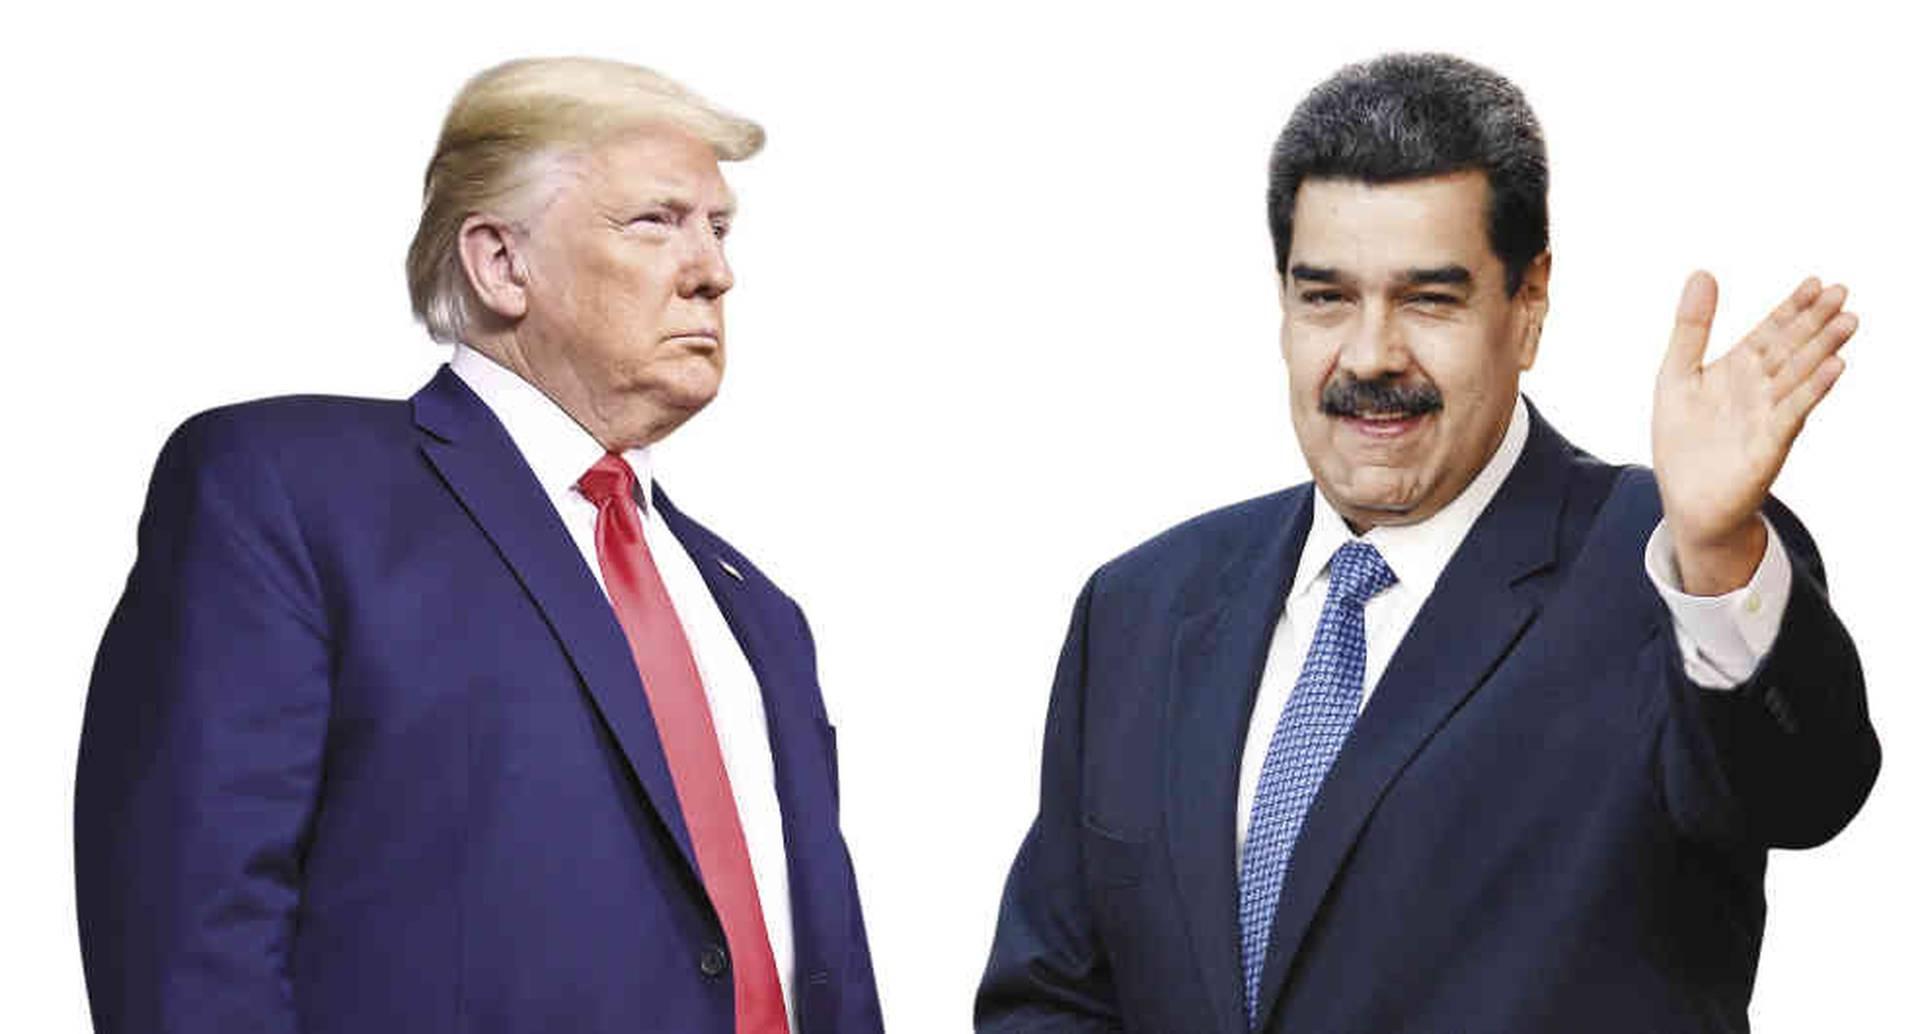 Donald Trump, presidente de Estados Unidos y Nicolás Maduro, presidente de Venezuela.